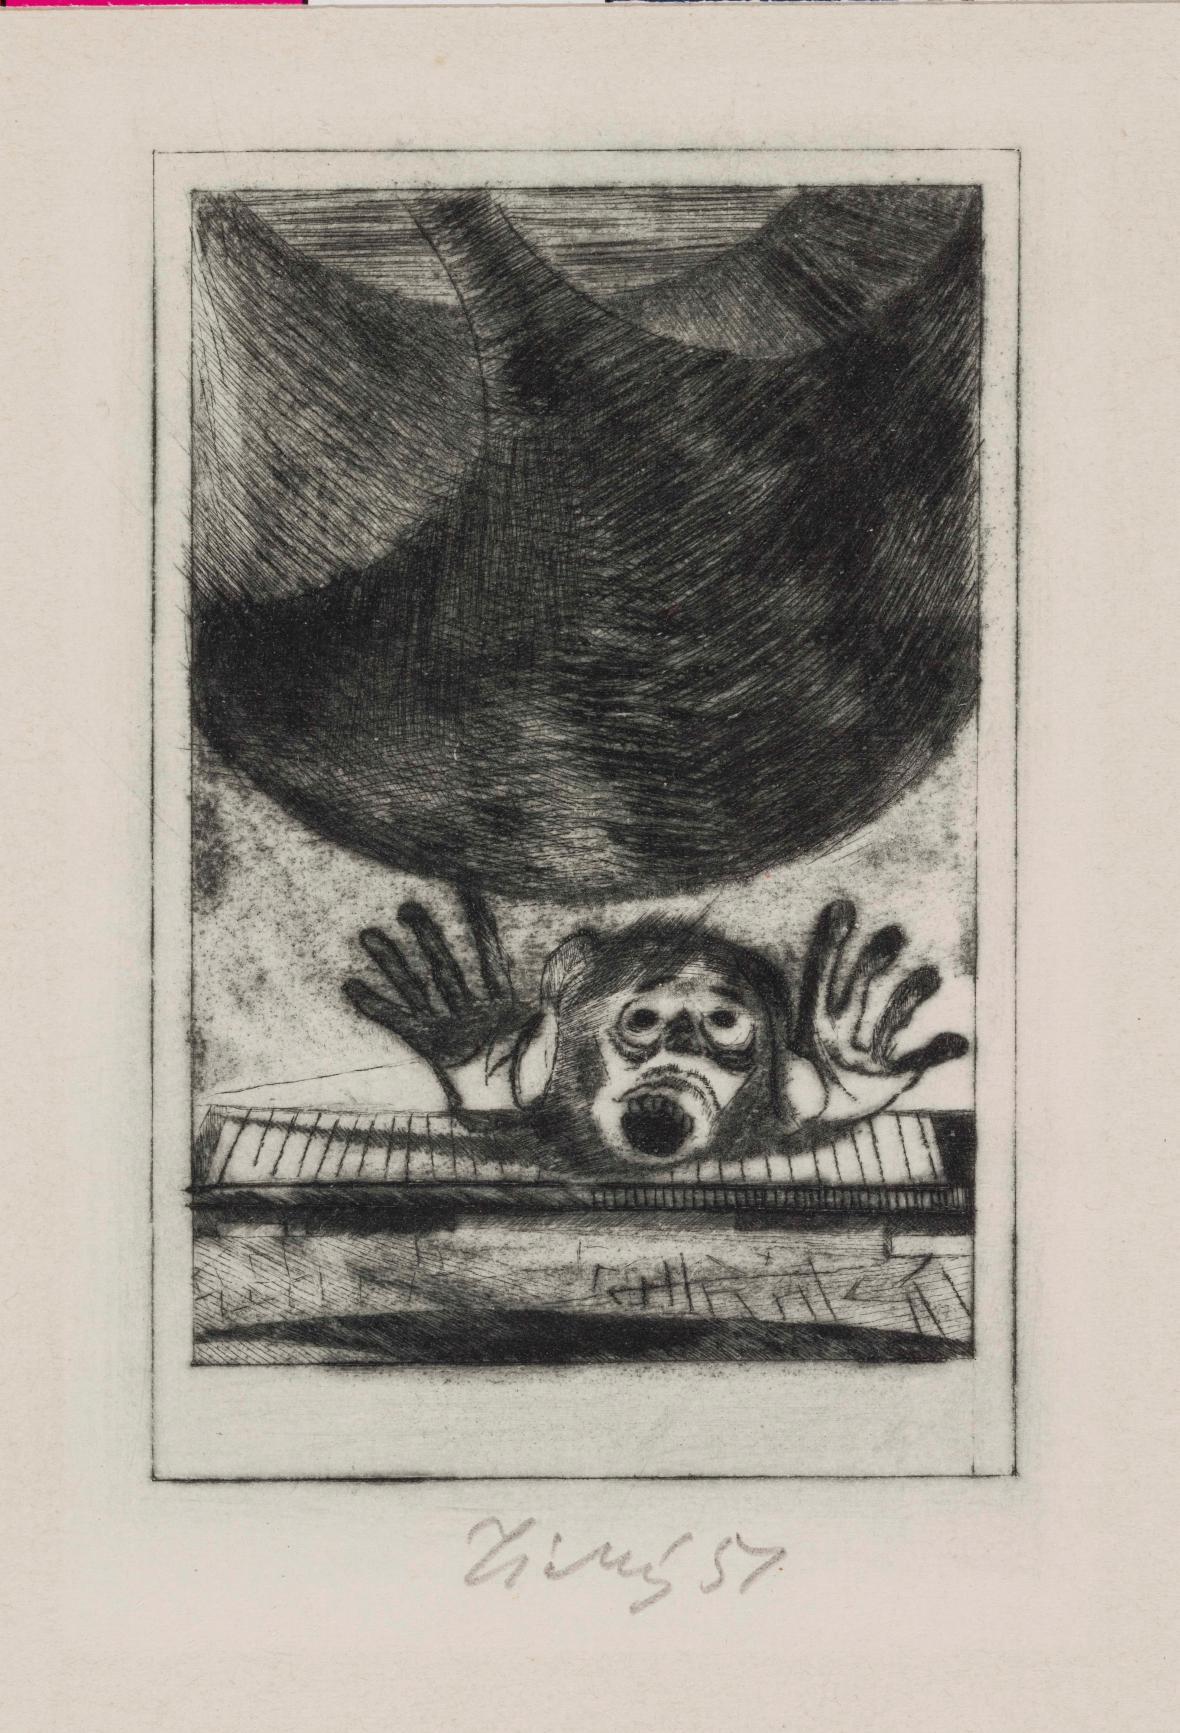 František Tichý / Jáma a kyvadlo, ilustrace k povídce E. A. Poea, 1948